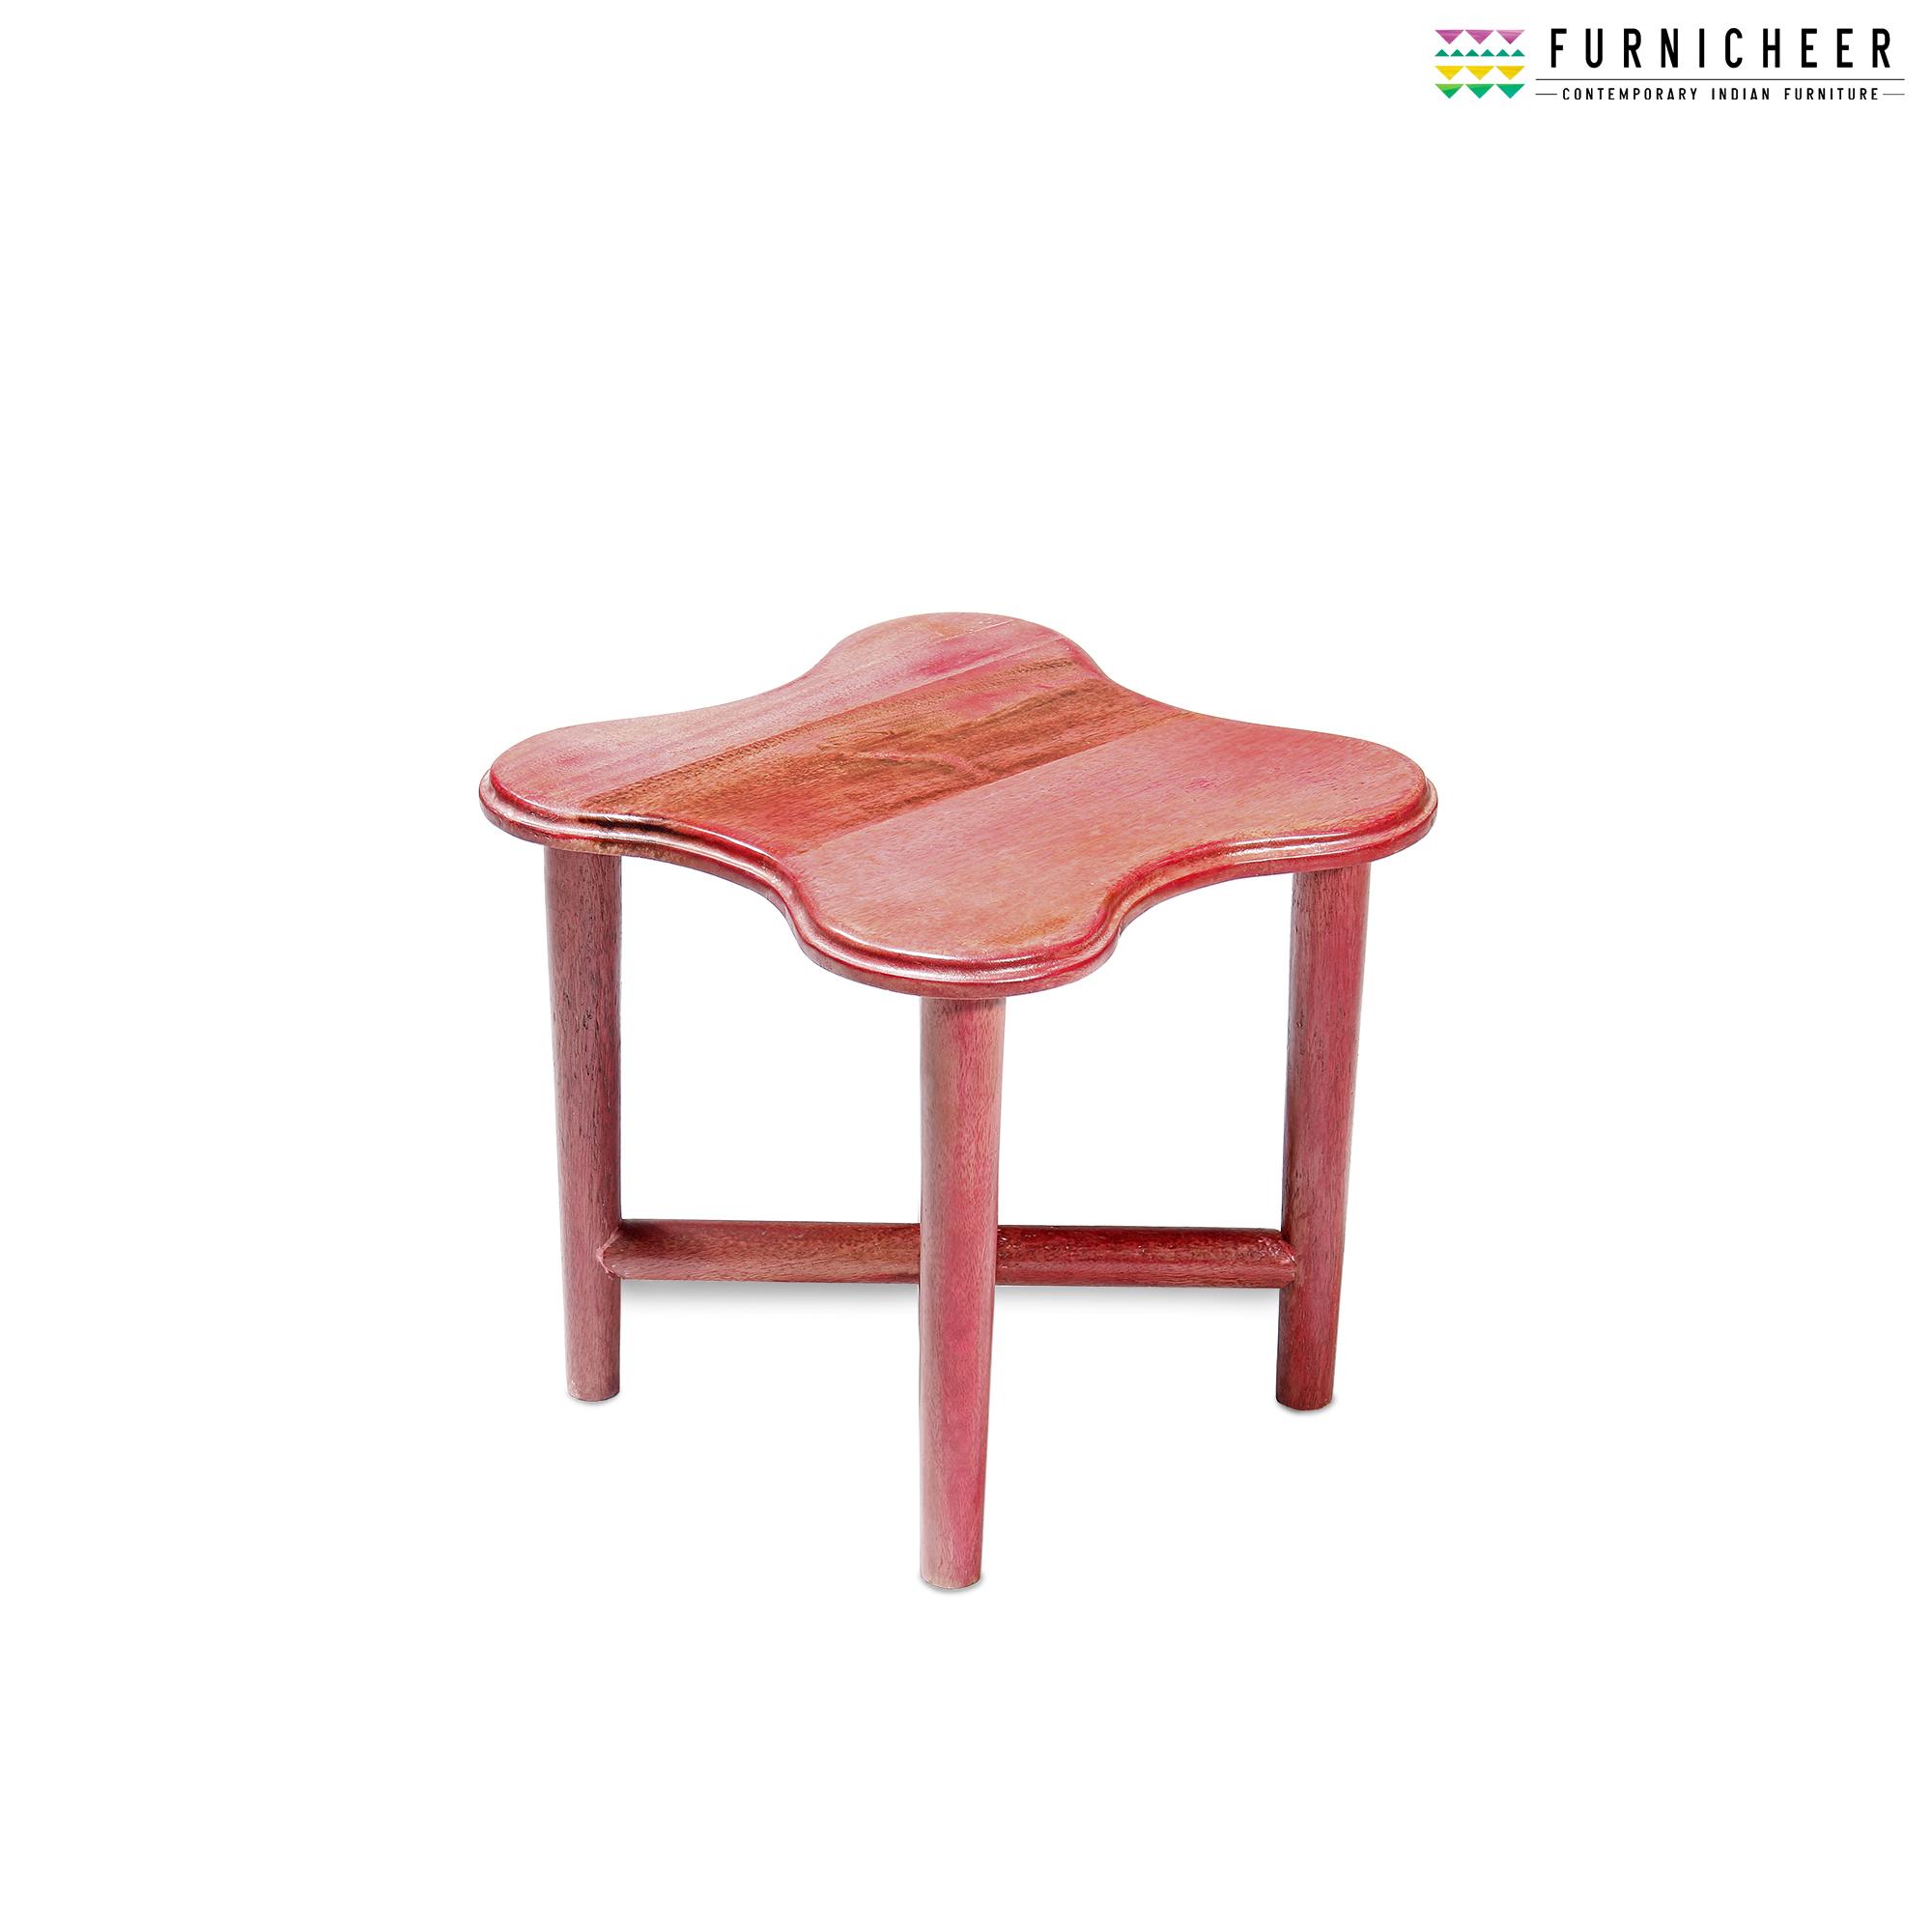 3.SIDE & END TABLE SKU TBBX7469